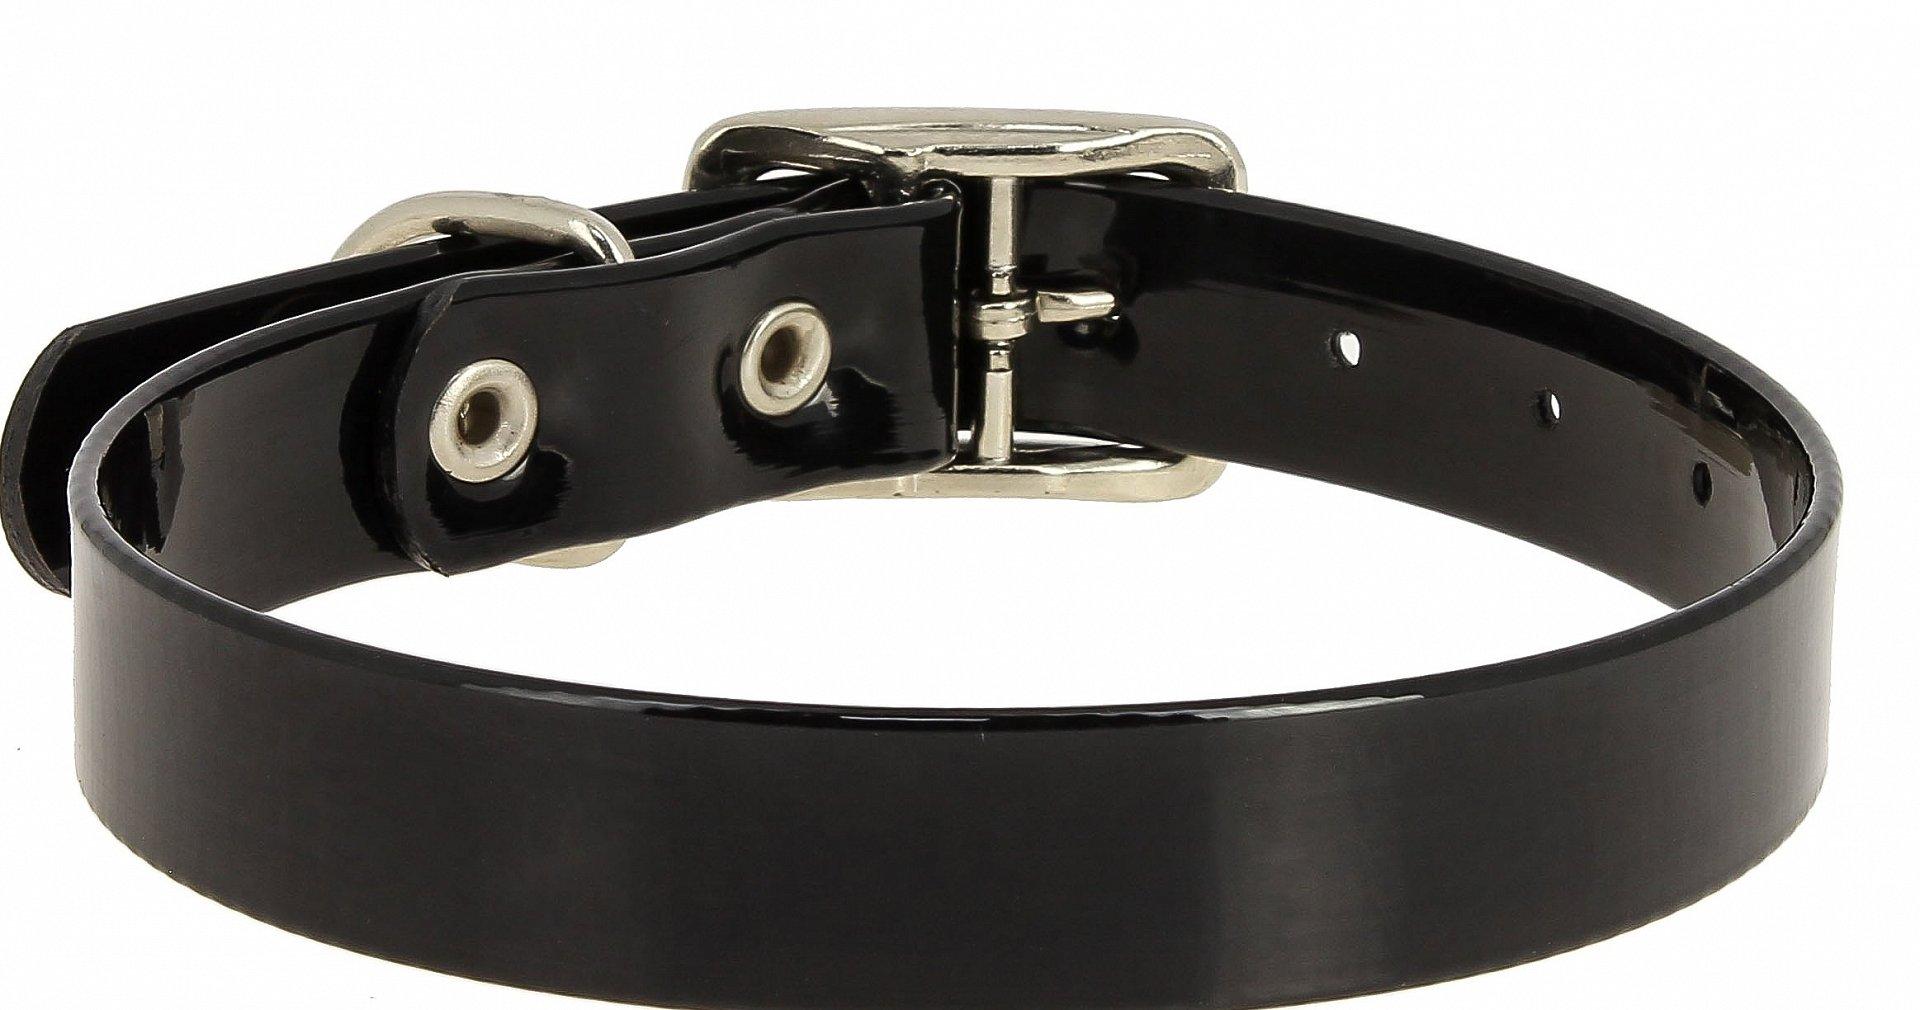 Ошейник Каскад из биотана черный для собак (20 мм (25-35 см), Черный) фото